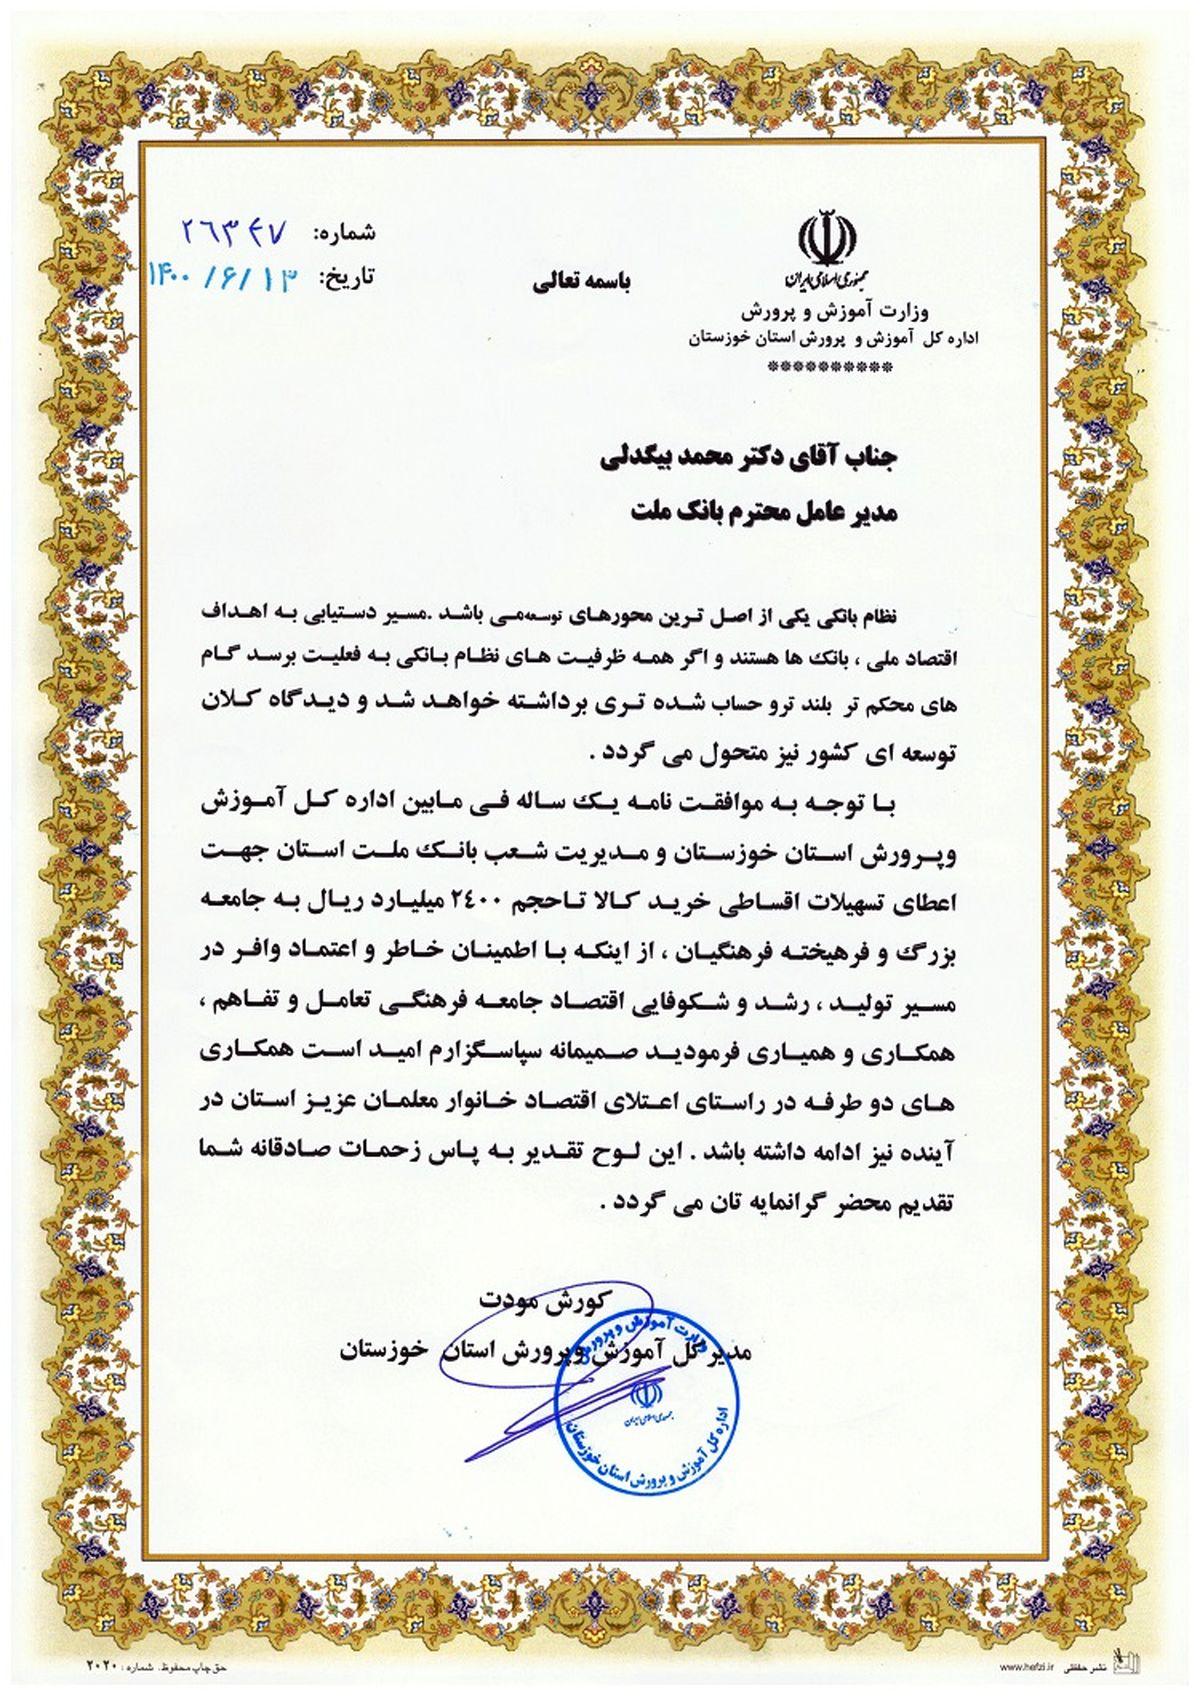 قدردانی مدیر کل آموزش و پرورش استان خوزستان از مدیرعامل بانک ملت